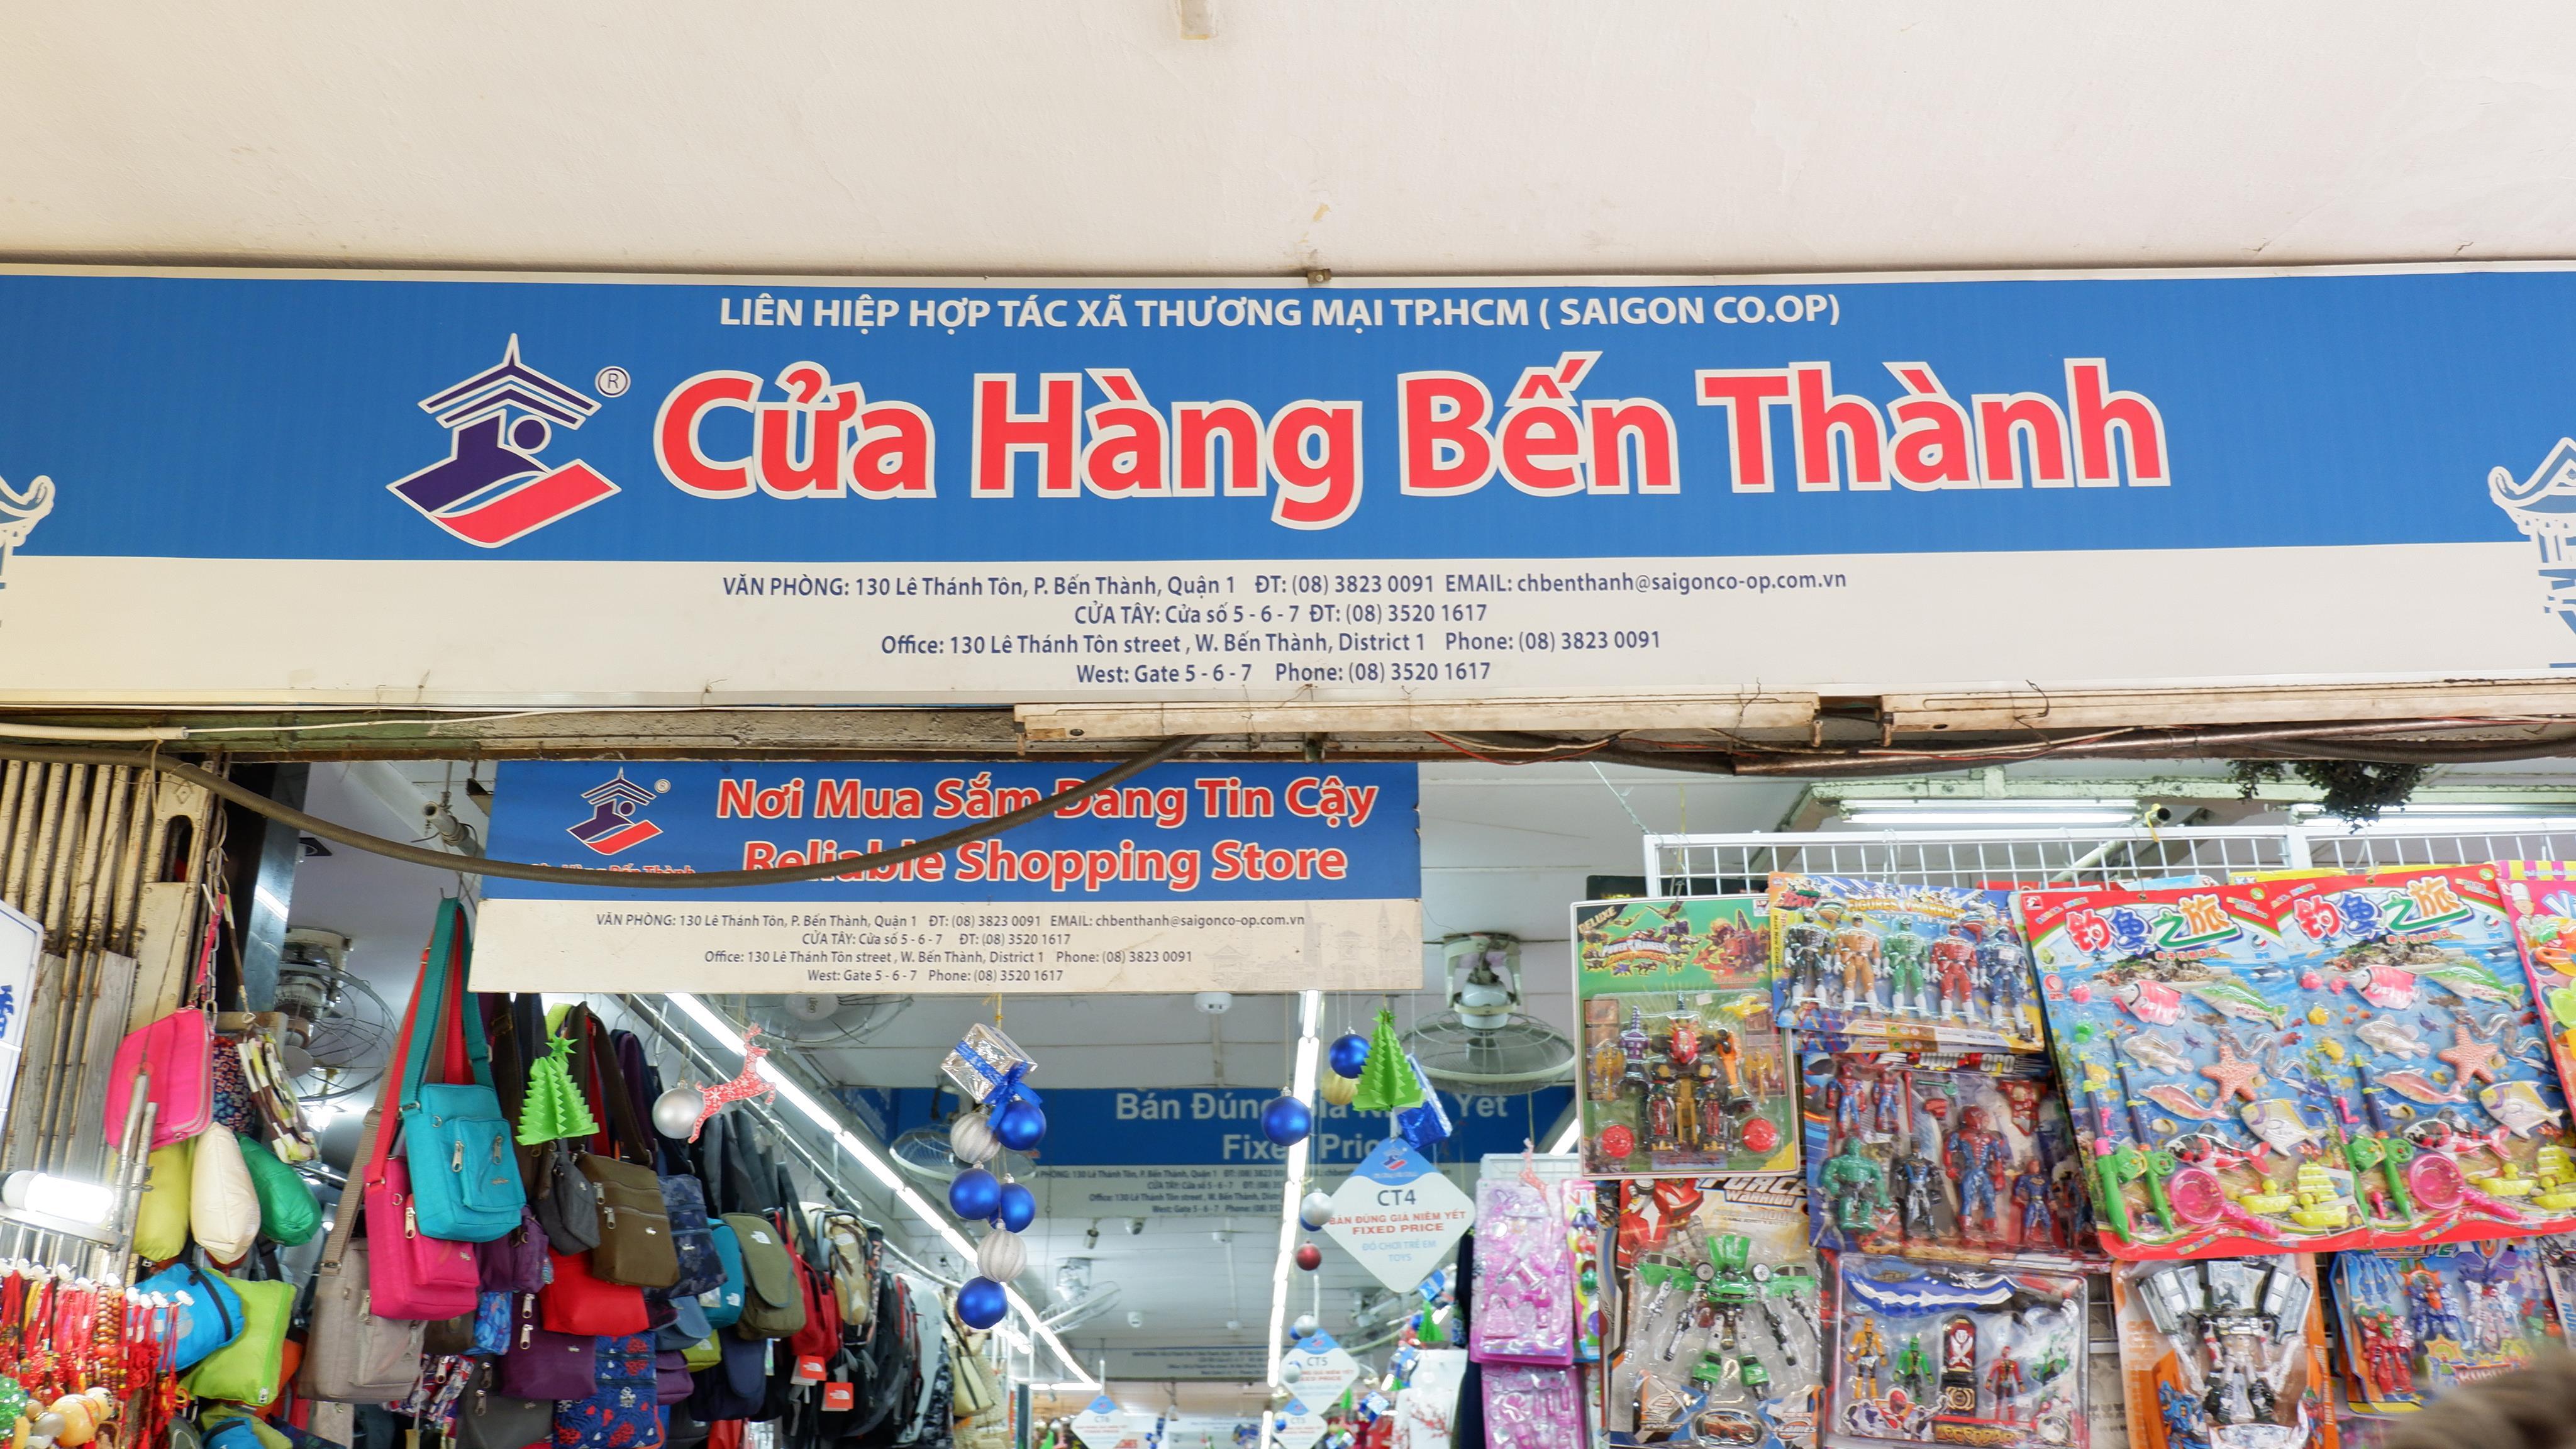 ben-thanh-market-vietnam (4)